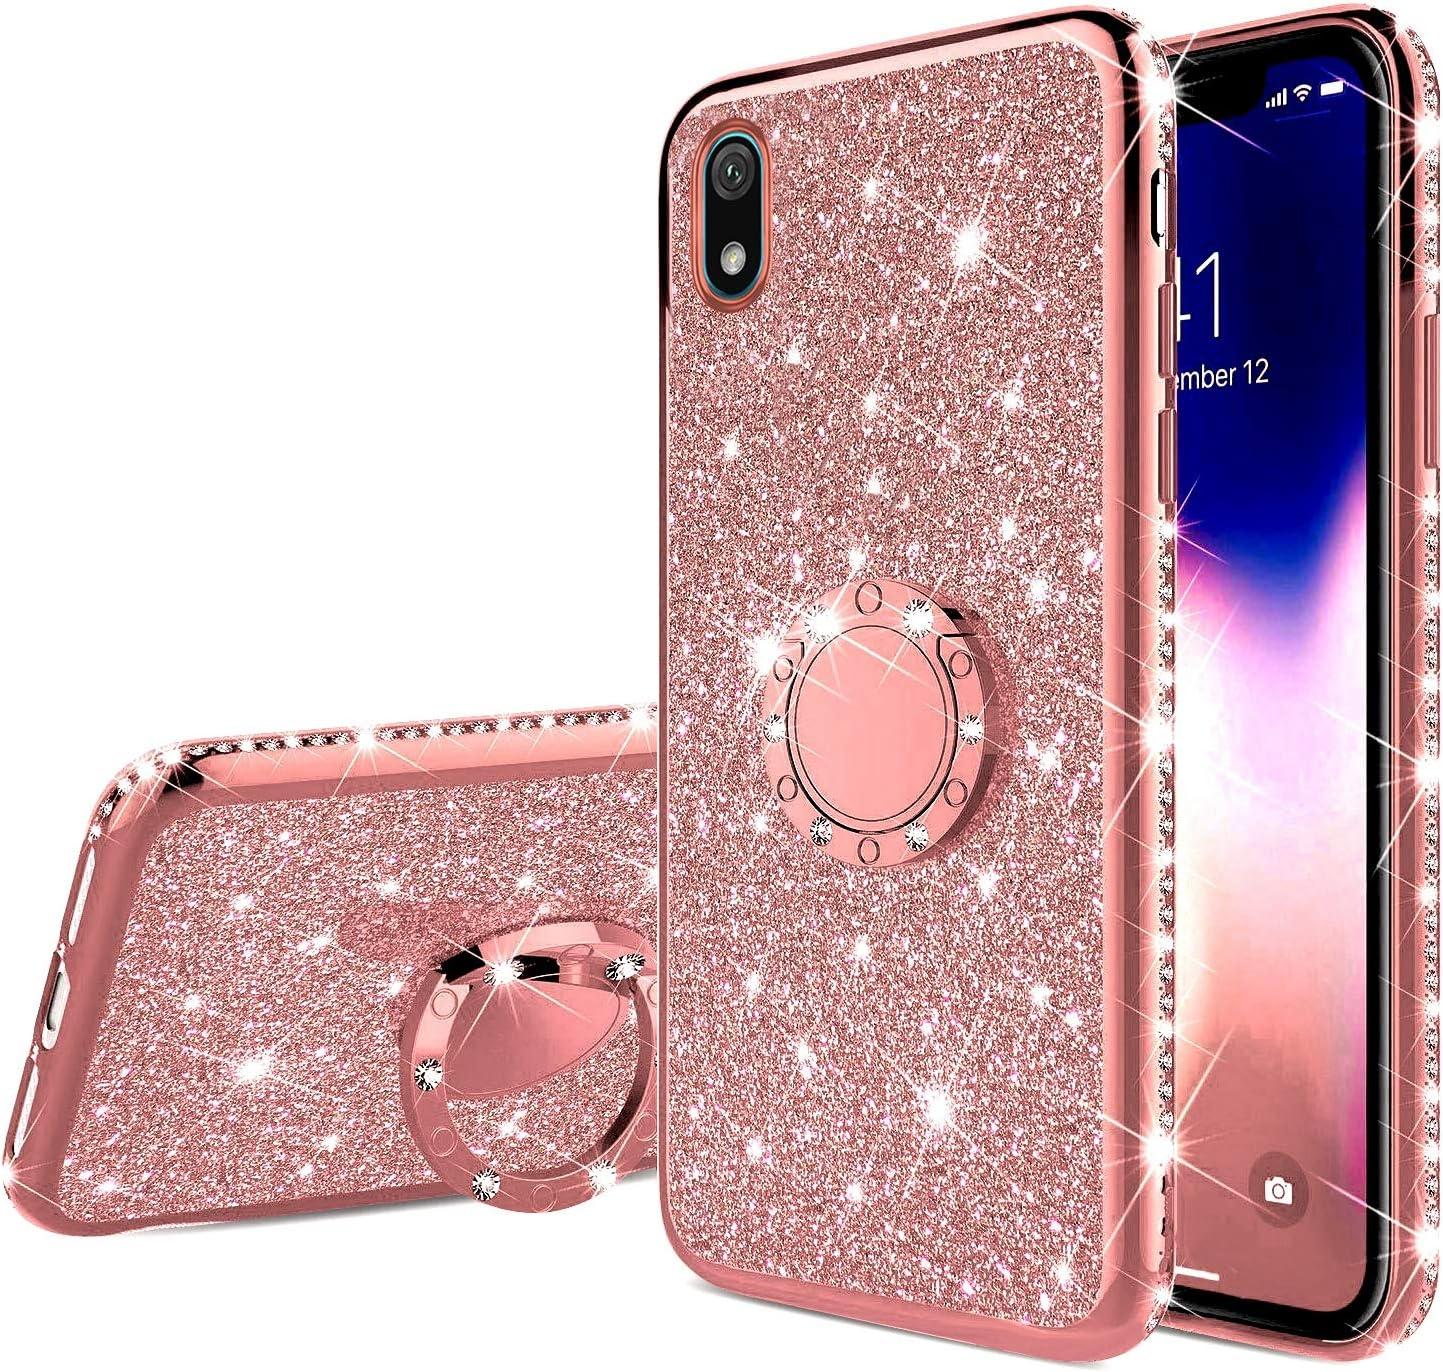 Hippopotame SEEYA pour Huawei Y5 2019 Coque /Étui en TPU Gel Silicone Anim/é Mignon Etui Protecteur Antichoc Souple Bumper Dr/ôle Doux Fine Case Cover pour Petite Fille